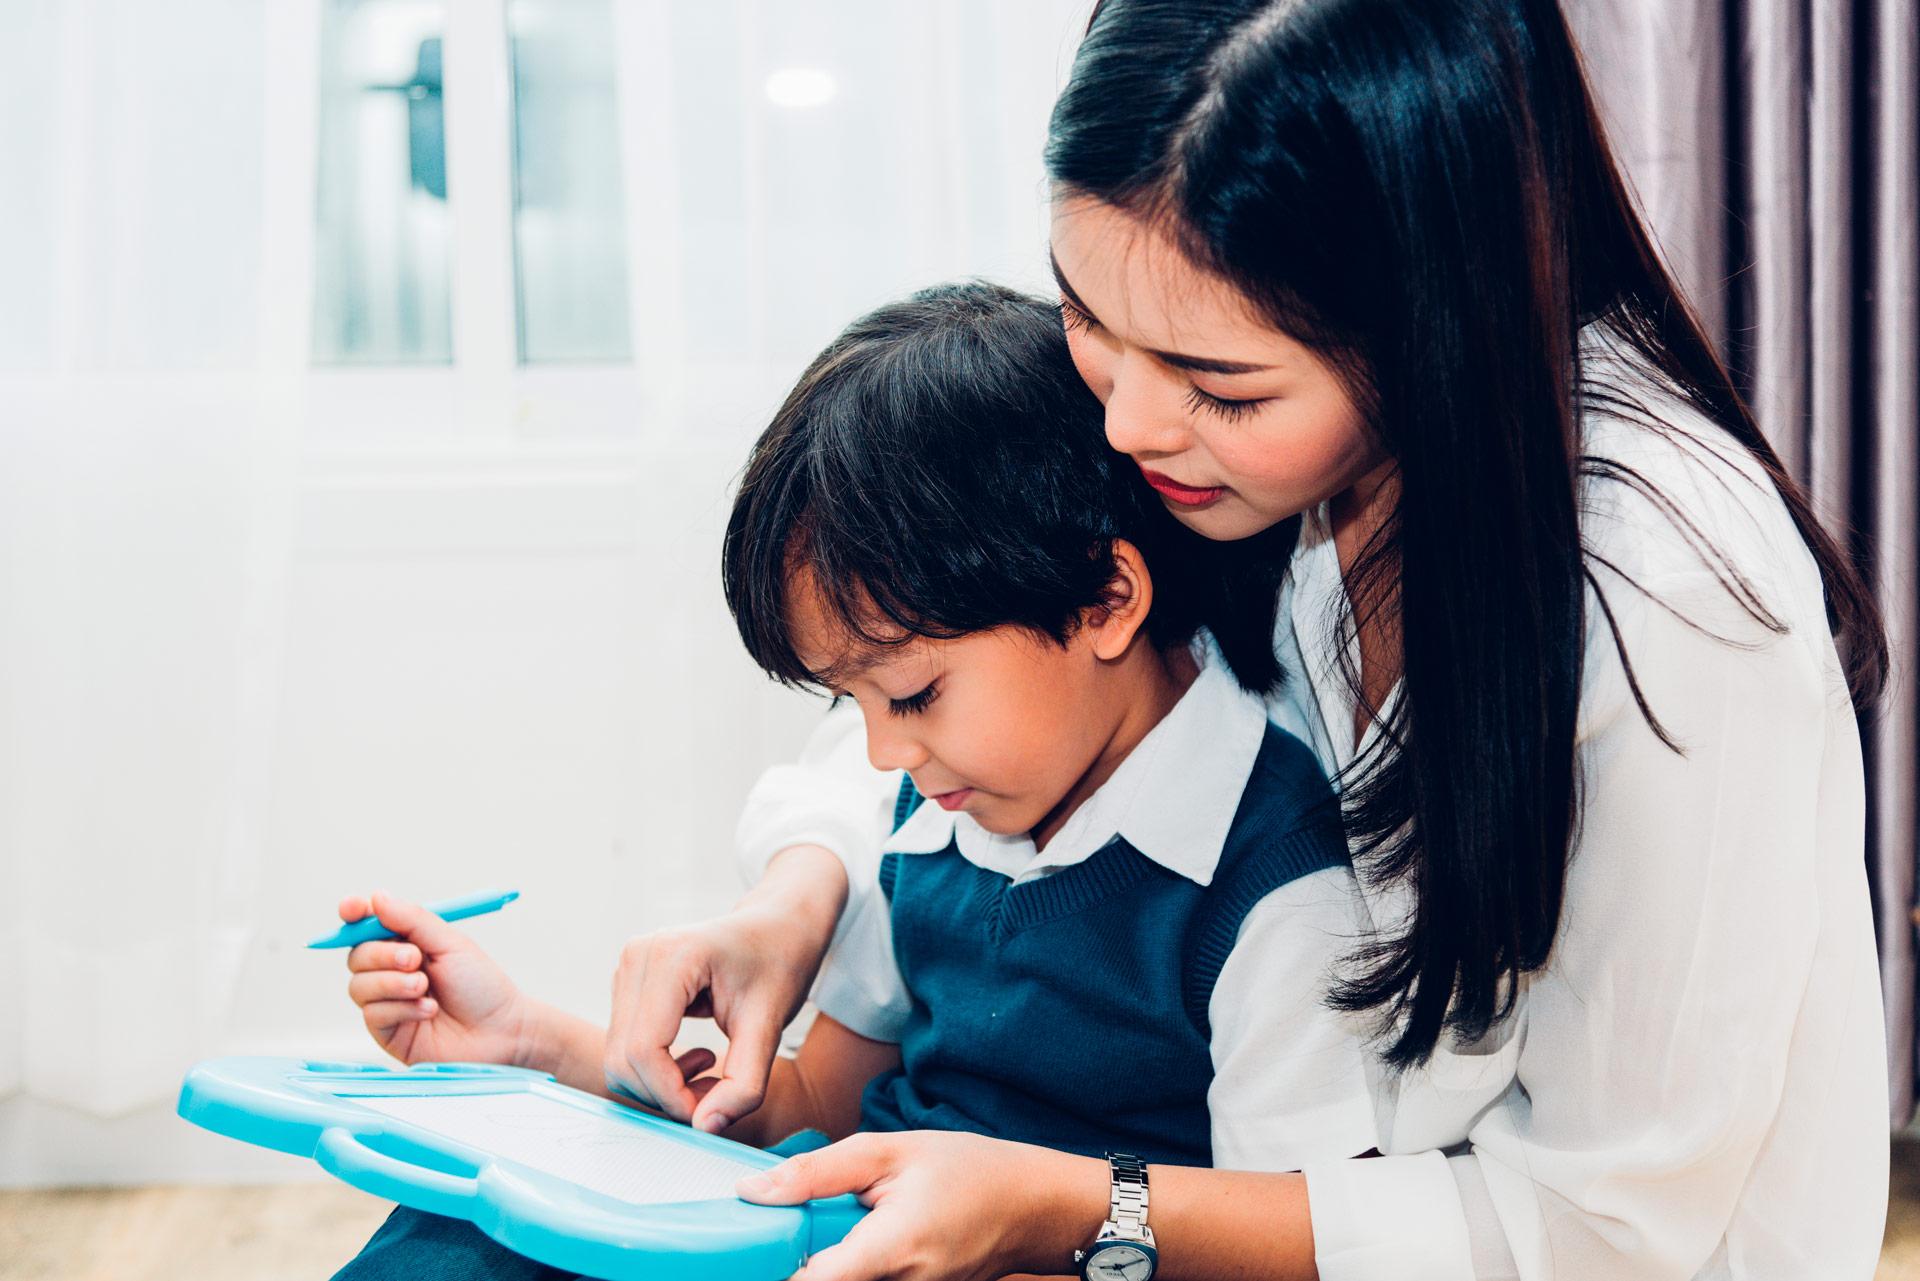 Empleadas filipinas bilingües en inglés para cuidar y enseñar a los niños - Empleada en casa